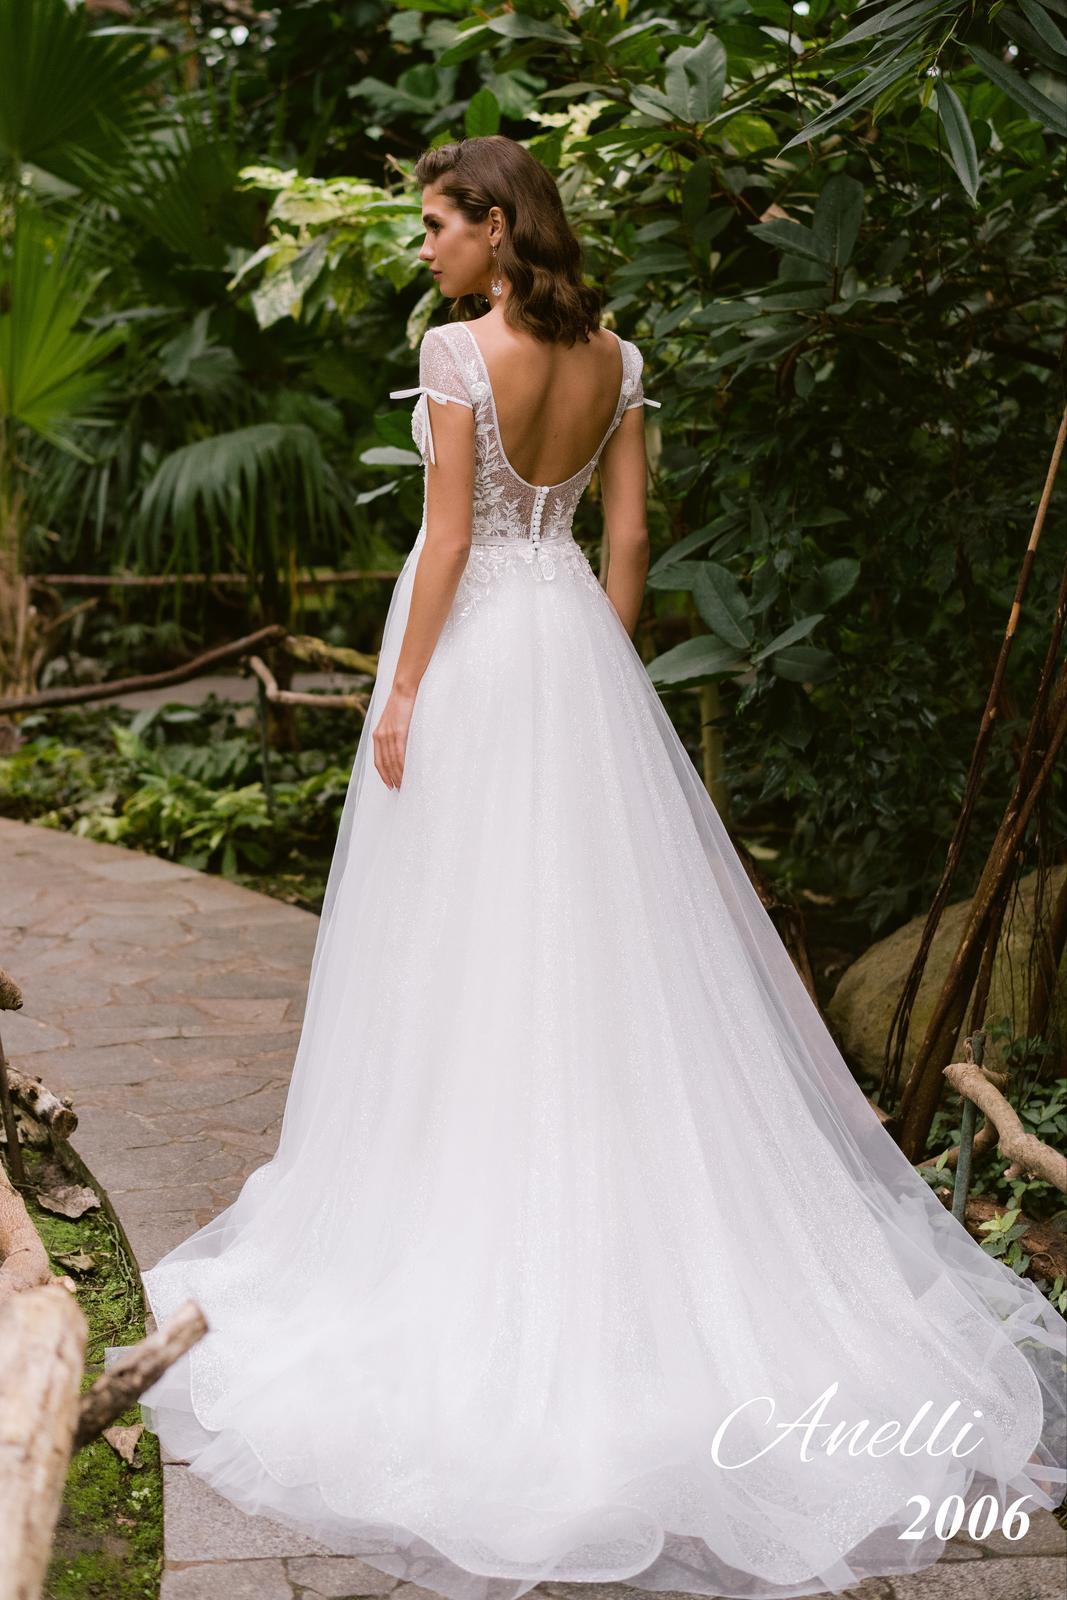 Svadobné šaty - Breeze 2006 - Obrázok č. 3